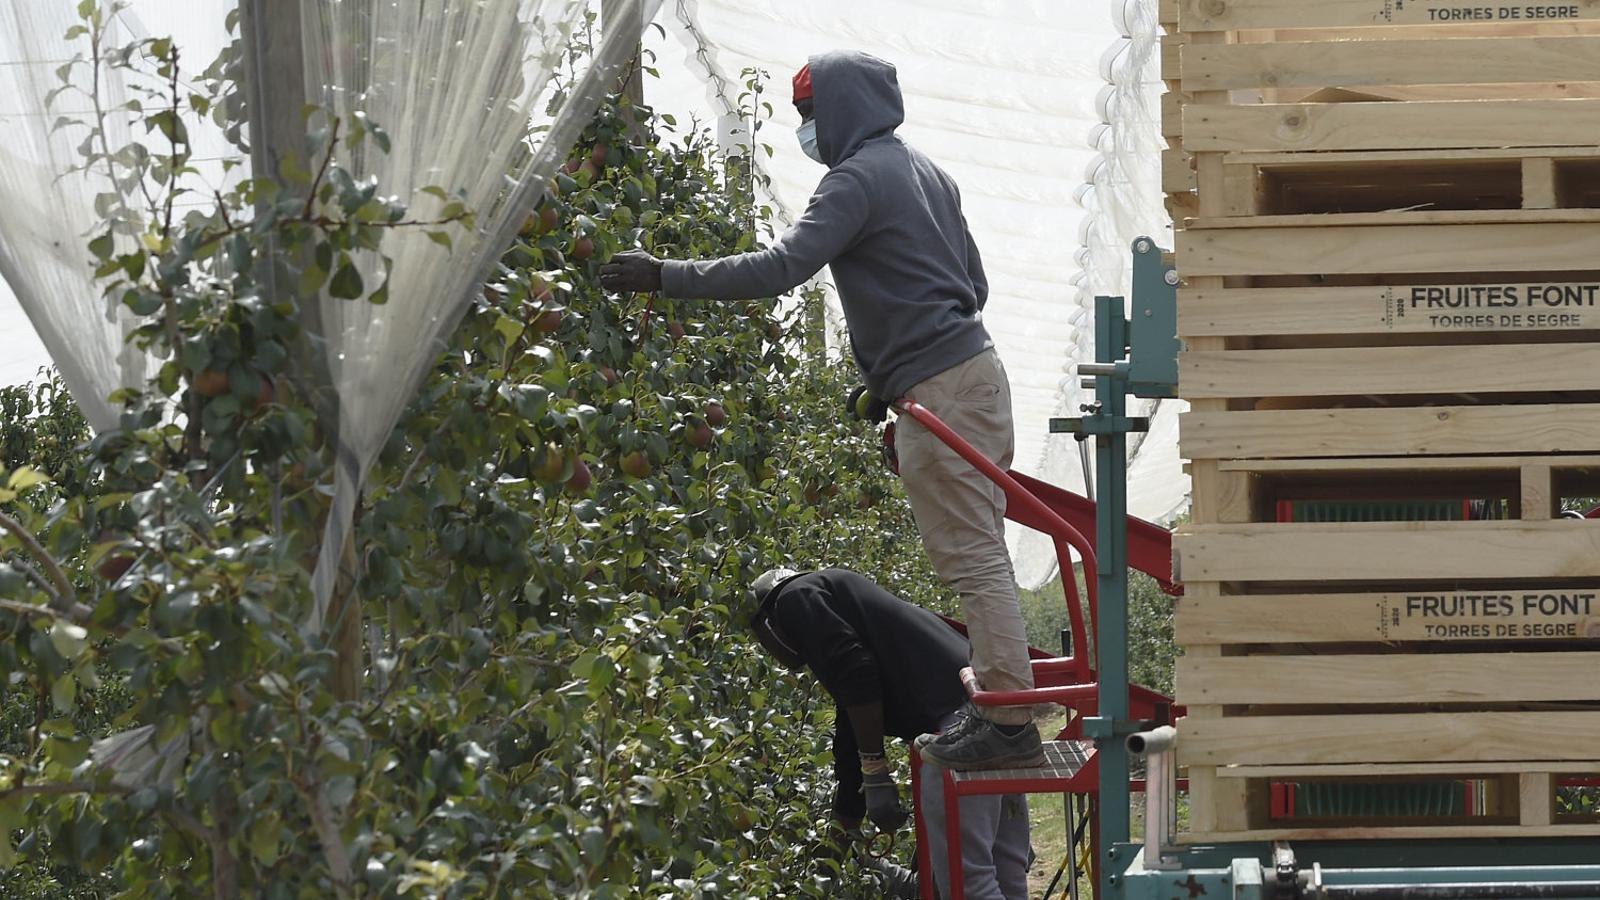 El sector calcula que per a la collita de la fruita calen uns 30.000 temporers.